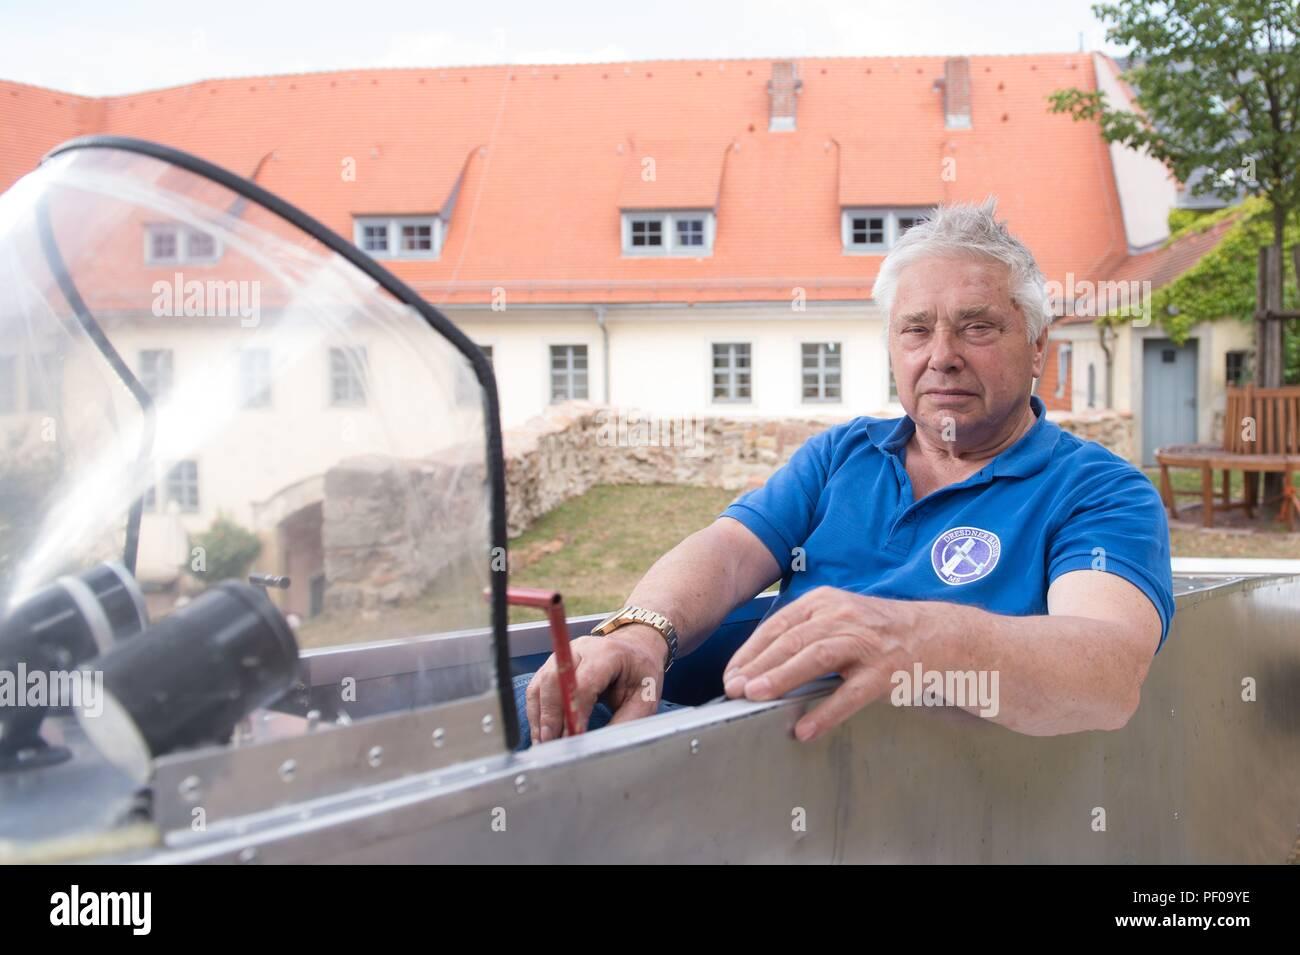 """Meissen, Germania. 18 Agosto, 2018. Michael Schlosser siede dentro la sua auto-costruito aeromobile """"Ikarus"""". Nato in Turingia, egli segretamente costruito un piano nella RDT nel 1983 a fuggire in Germania Ovest, ma è stato tradito e condannato e comprato dalla BRD sei mesi più tardi. Nel 2007, egli ha ricreato il suo piano di fuga per la prima volta per un film - con il guscio esterno del piano in alluminio invece di poliestere. Credito: Sebastian Kahnert/dpa/Alamy Live News Immagini Stock"""